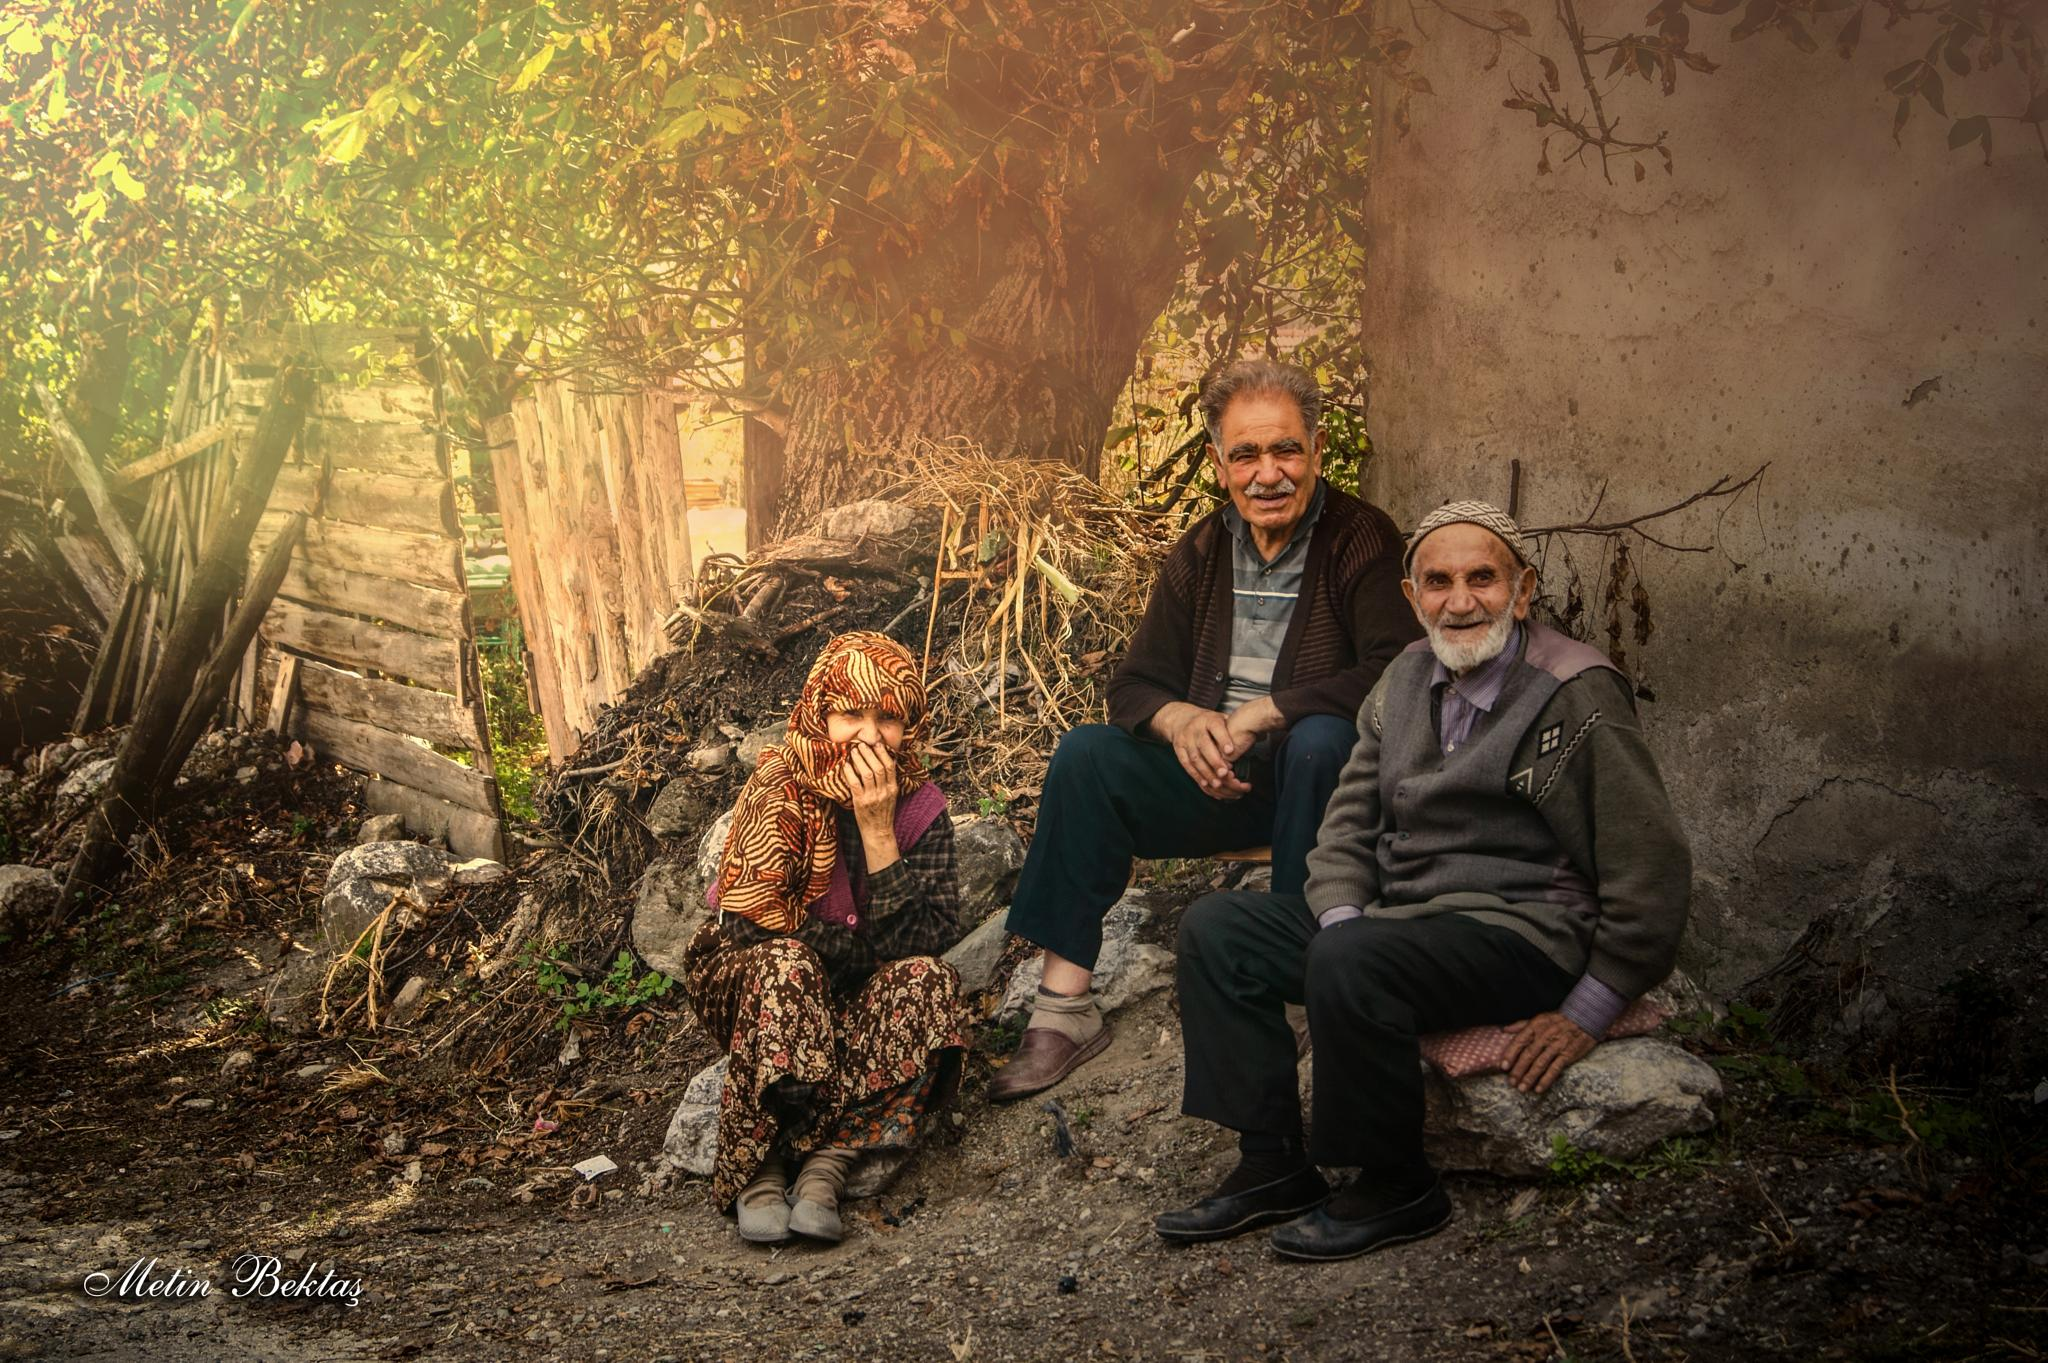 Suluca Köyü / Tosya / Kastamonu / Türkiye (Suluca Village) by Metin Bektaş